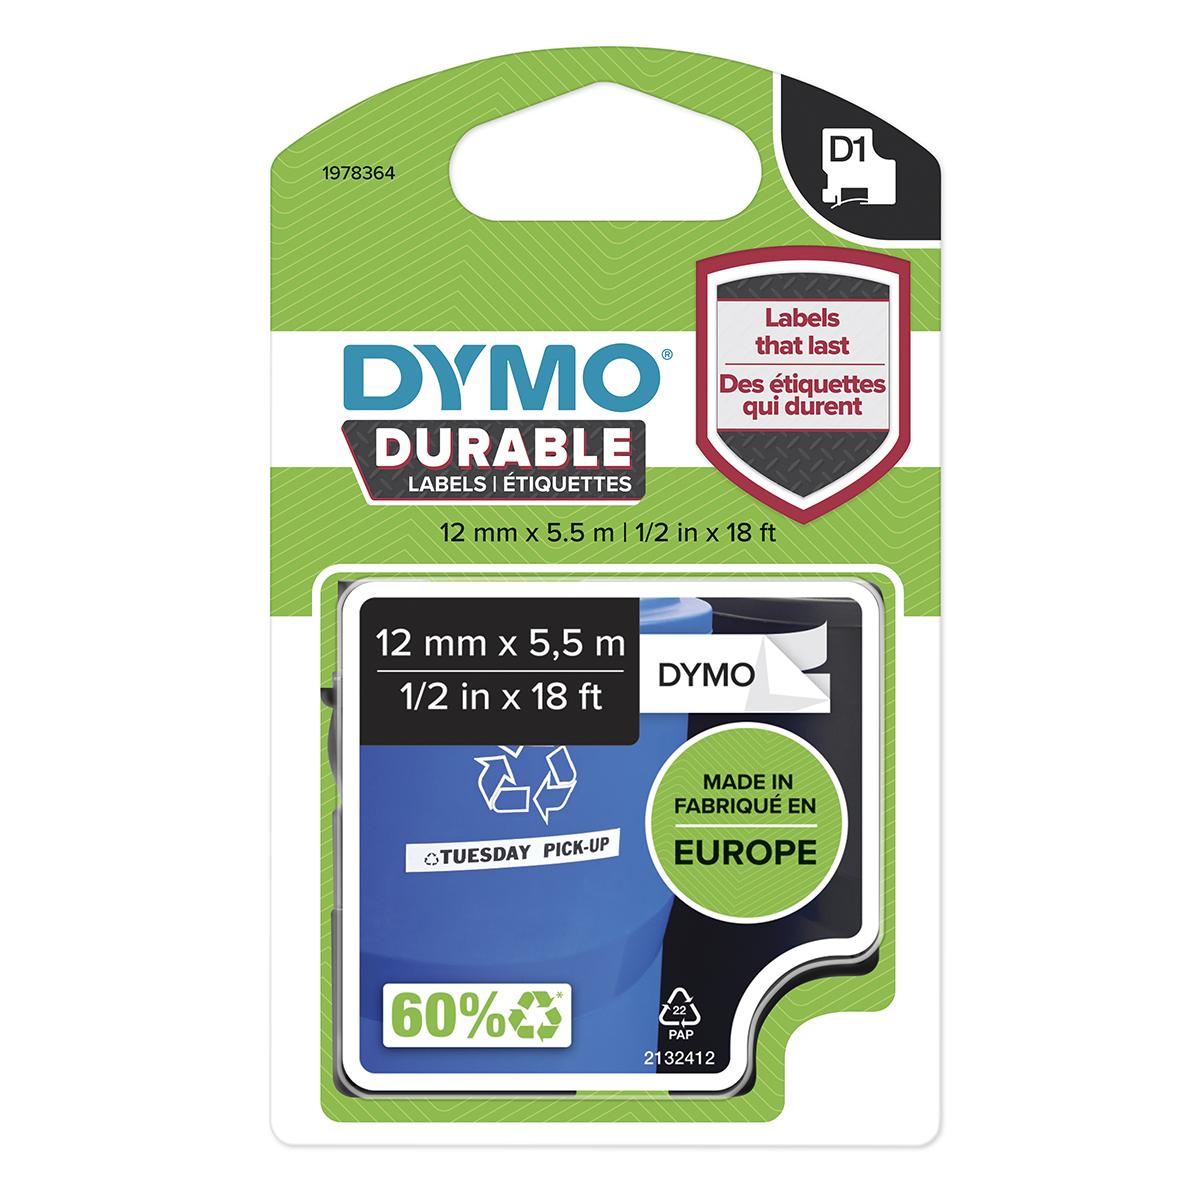 Dymo 1978364 D1 Durable 12mm x 5.5M Tape Black on White